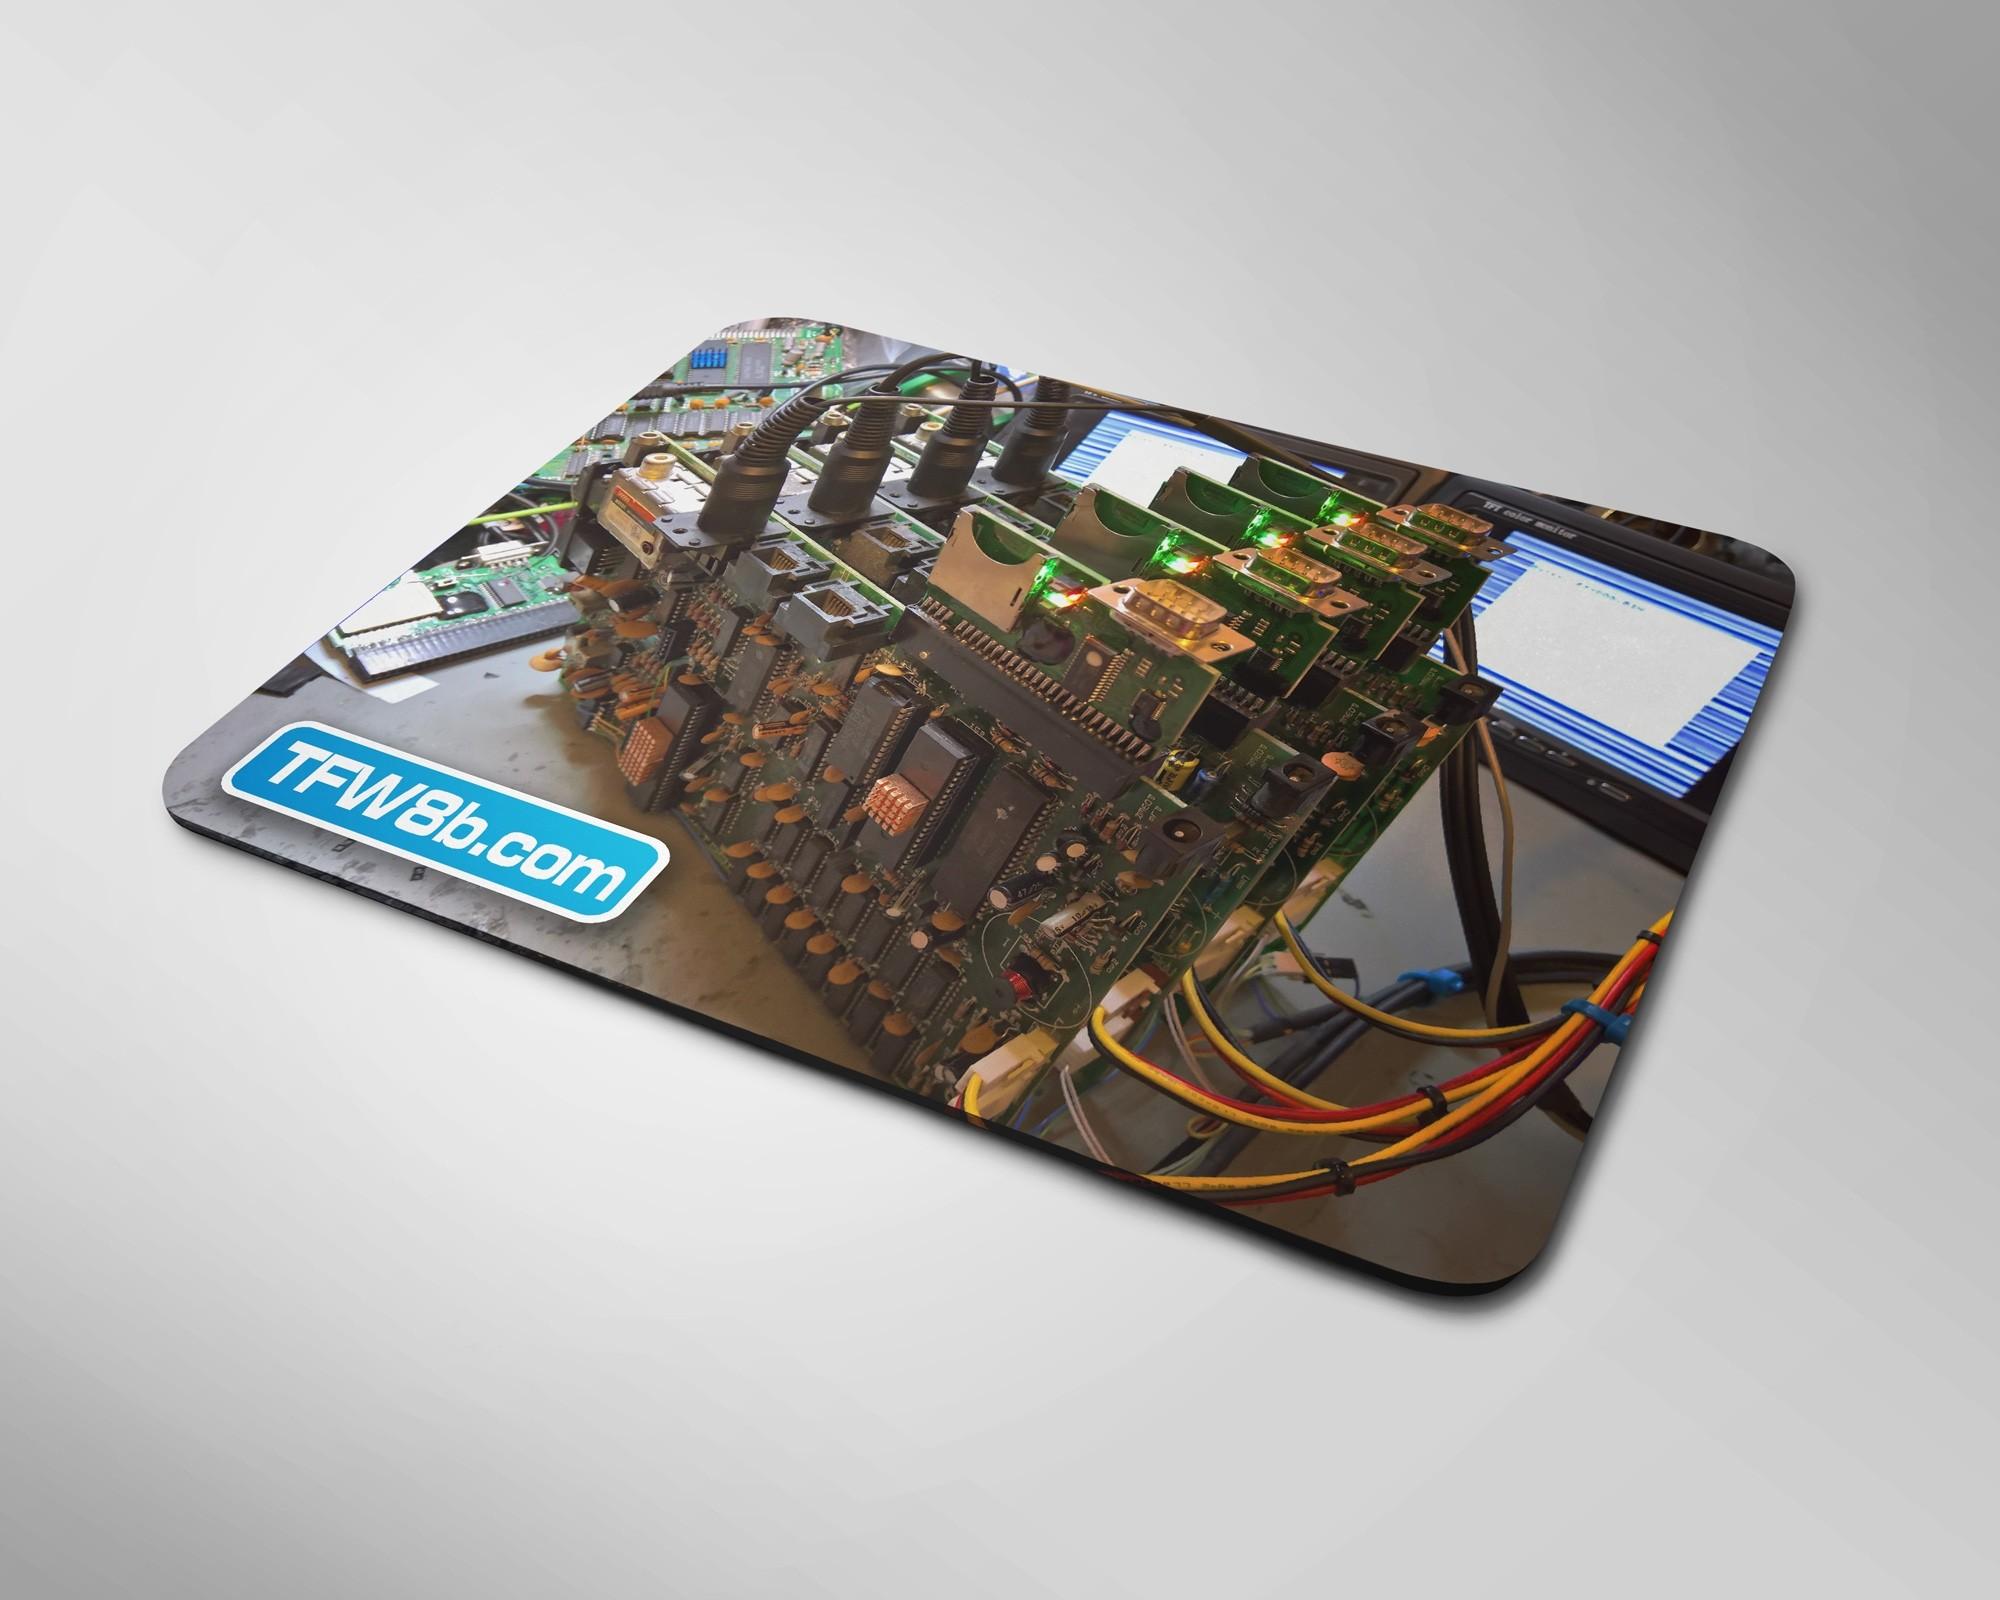 divMMC Future ZX Spectrum test rack mouse mat.